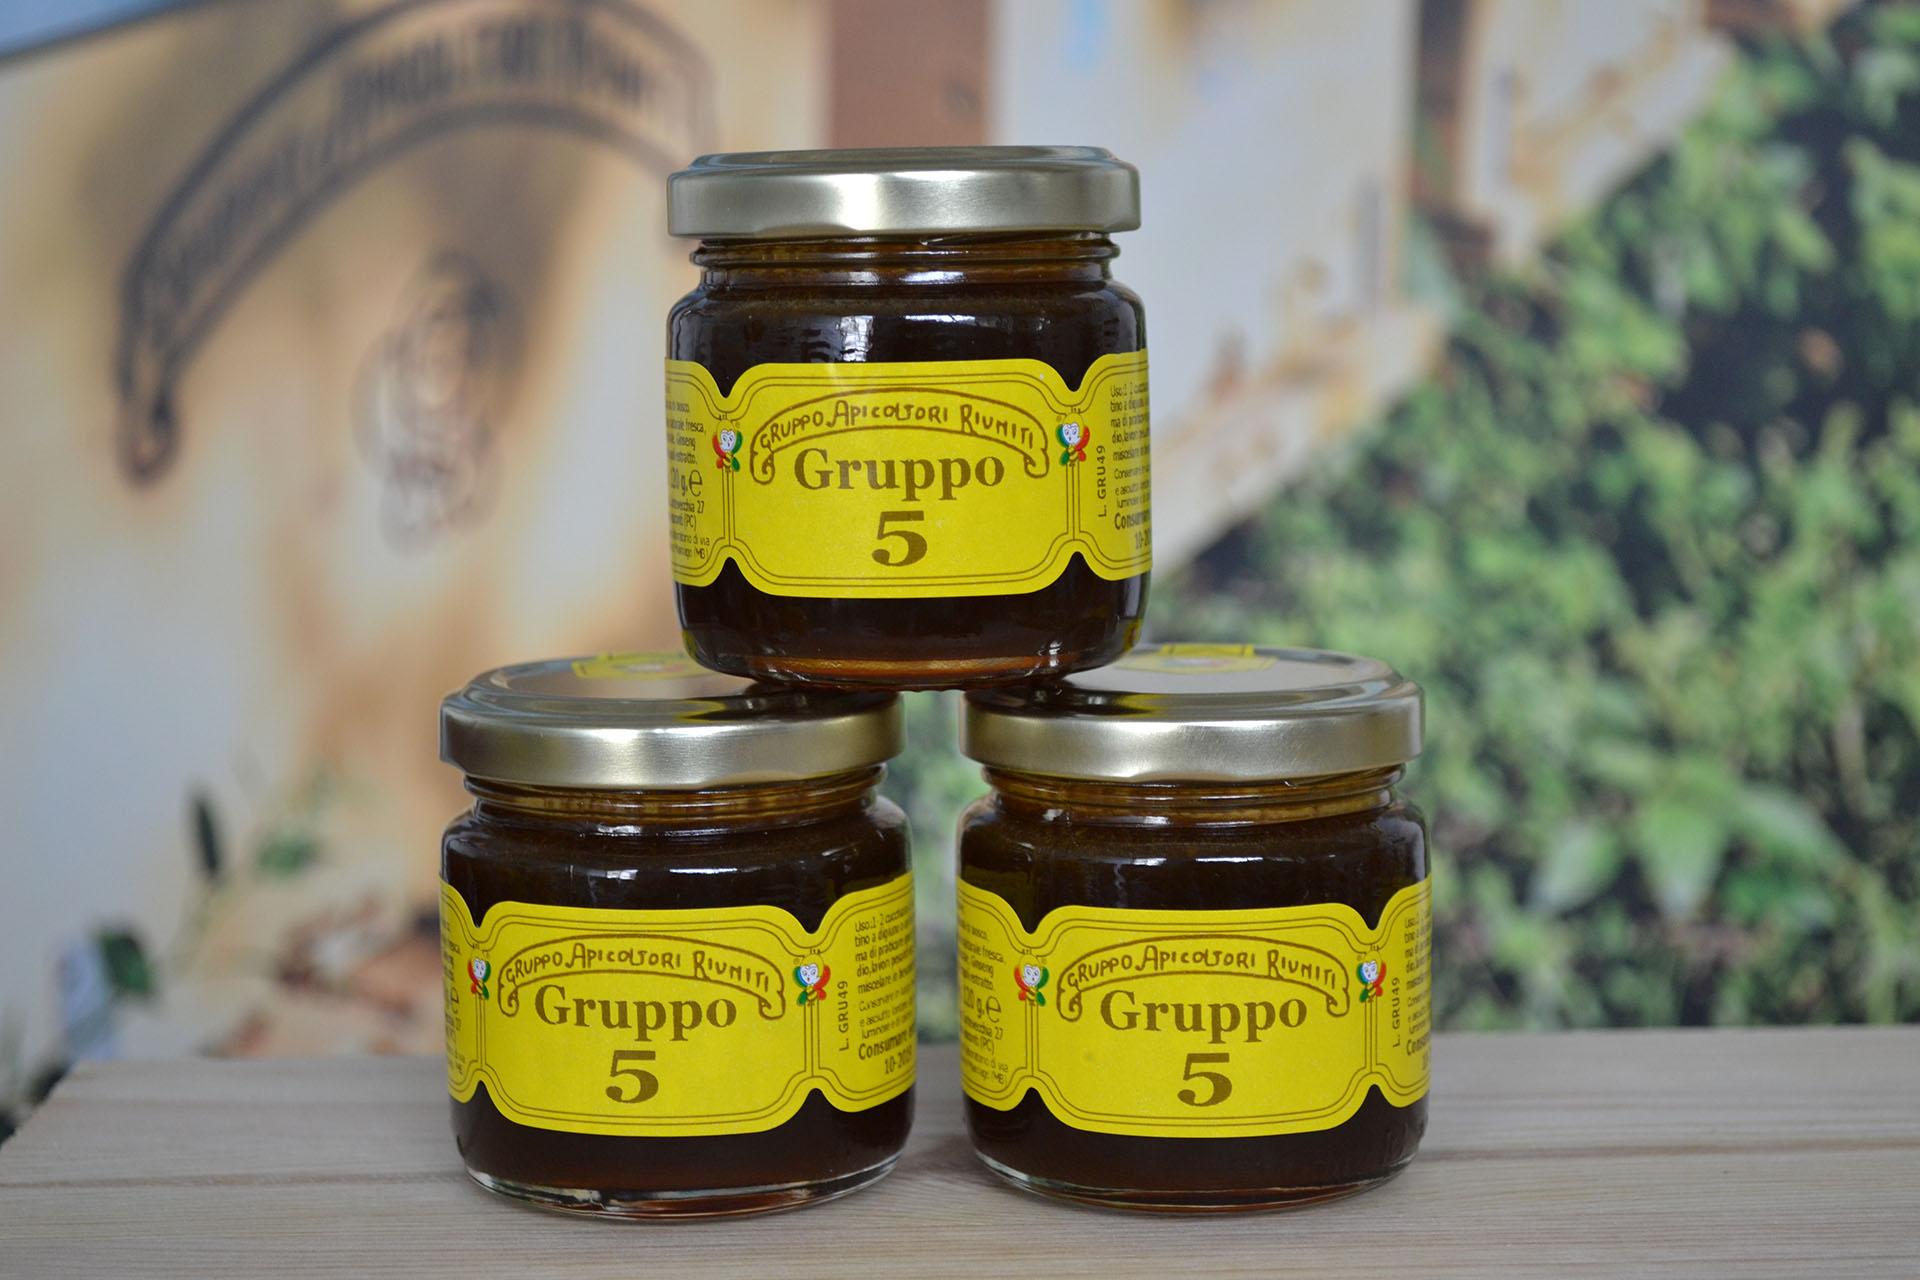 gruppo-apicoltori-riuniti-energetico.jpg